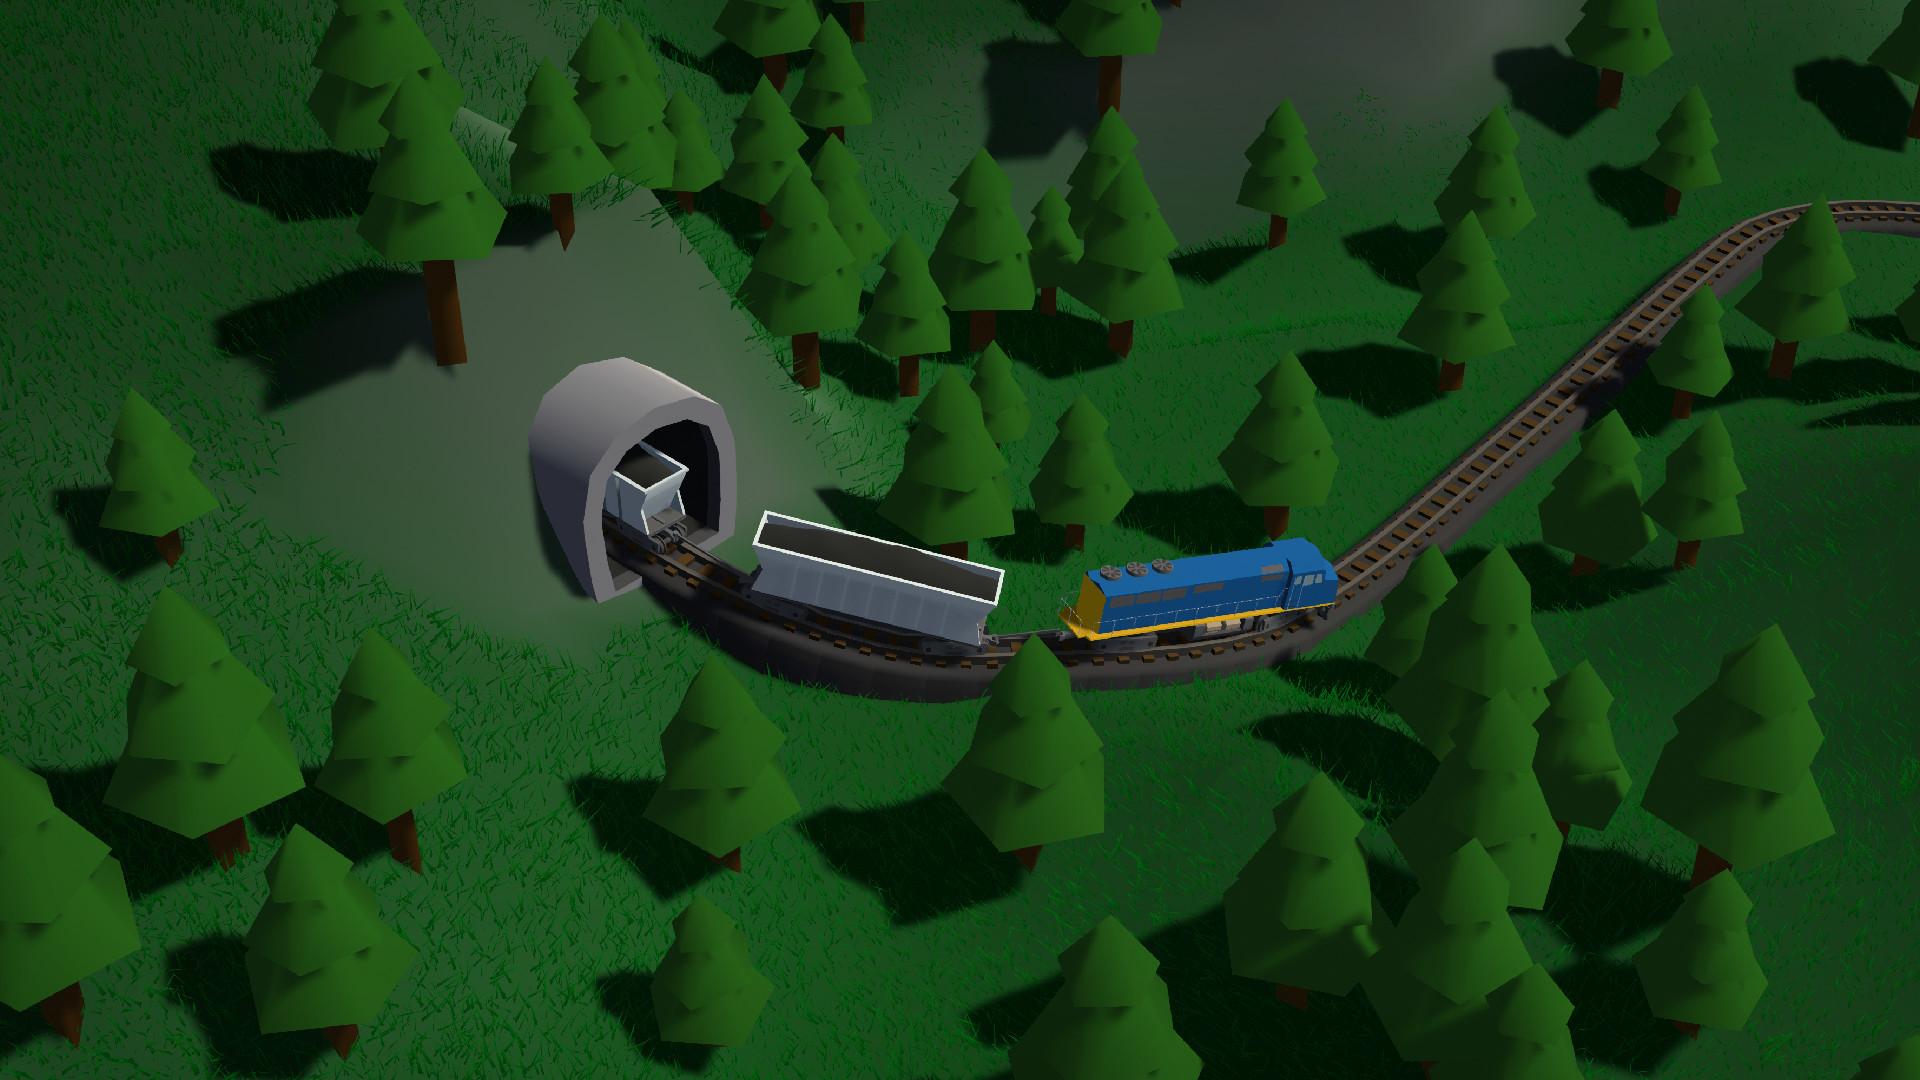 铁路艺术图片